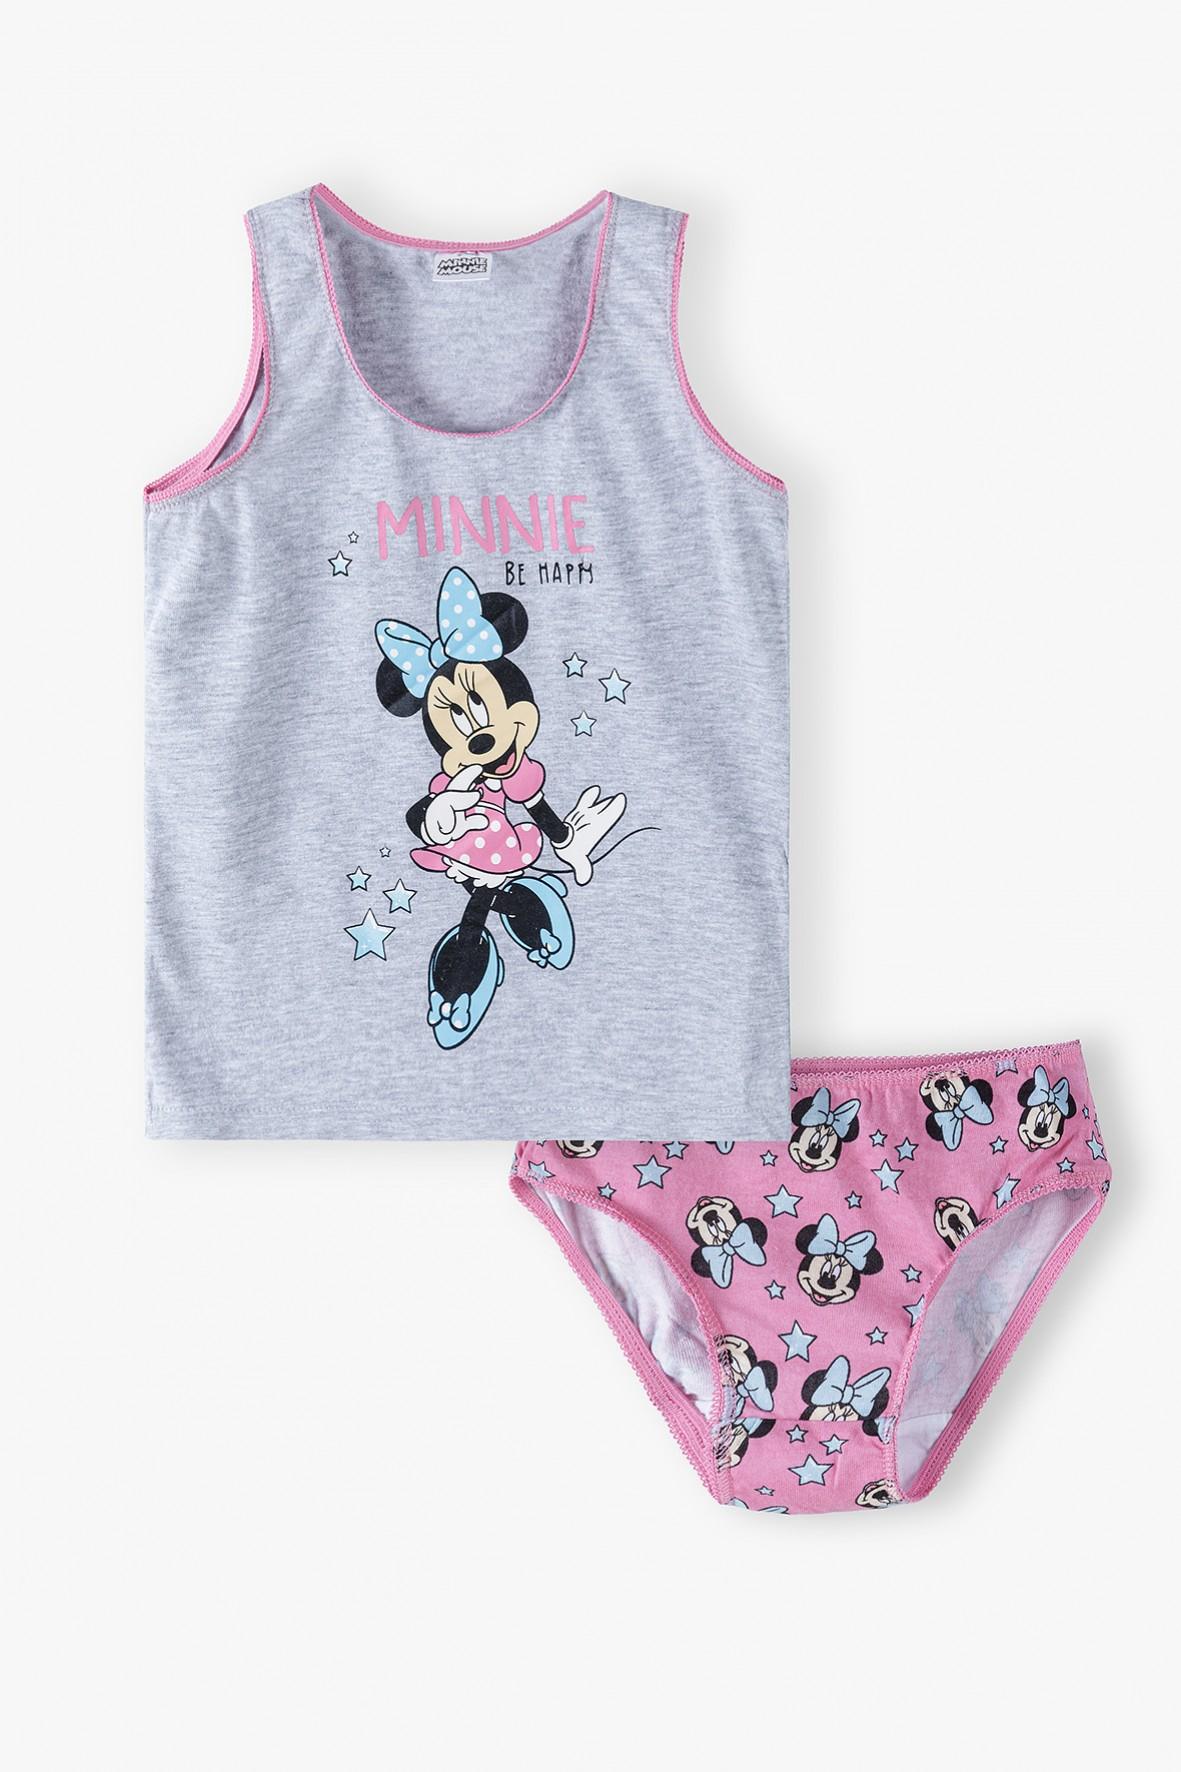 Bawełniany komplet bielizny dziewczęcej Minnie Mouse - koszulka na ramiączka i majtki